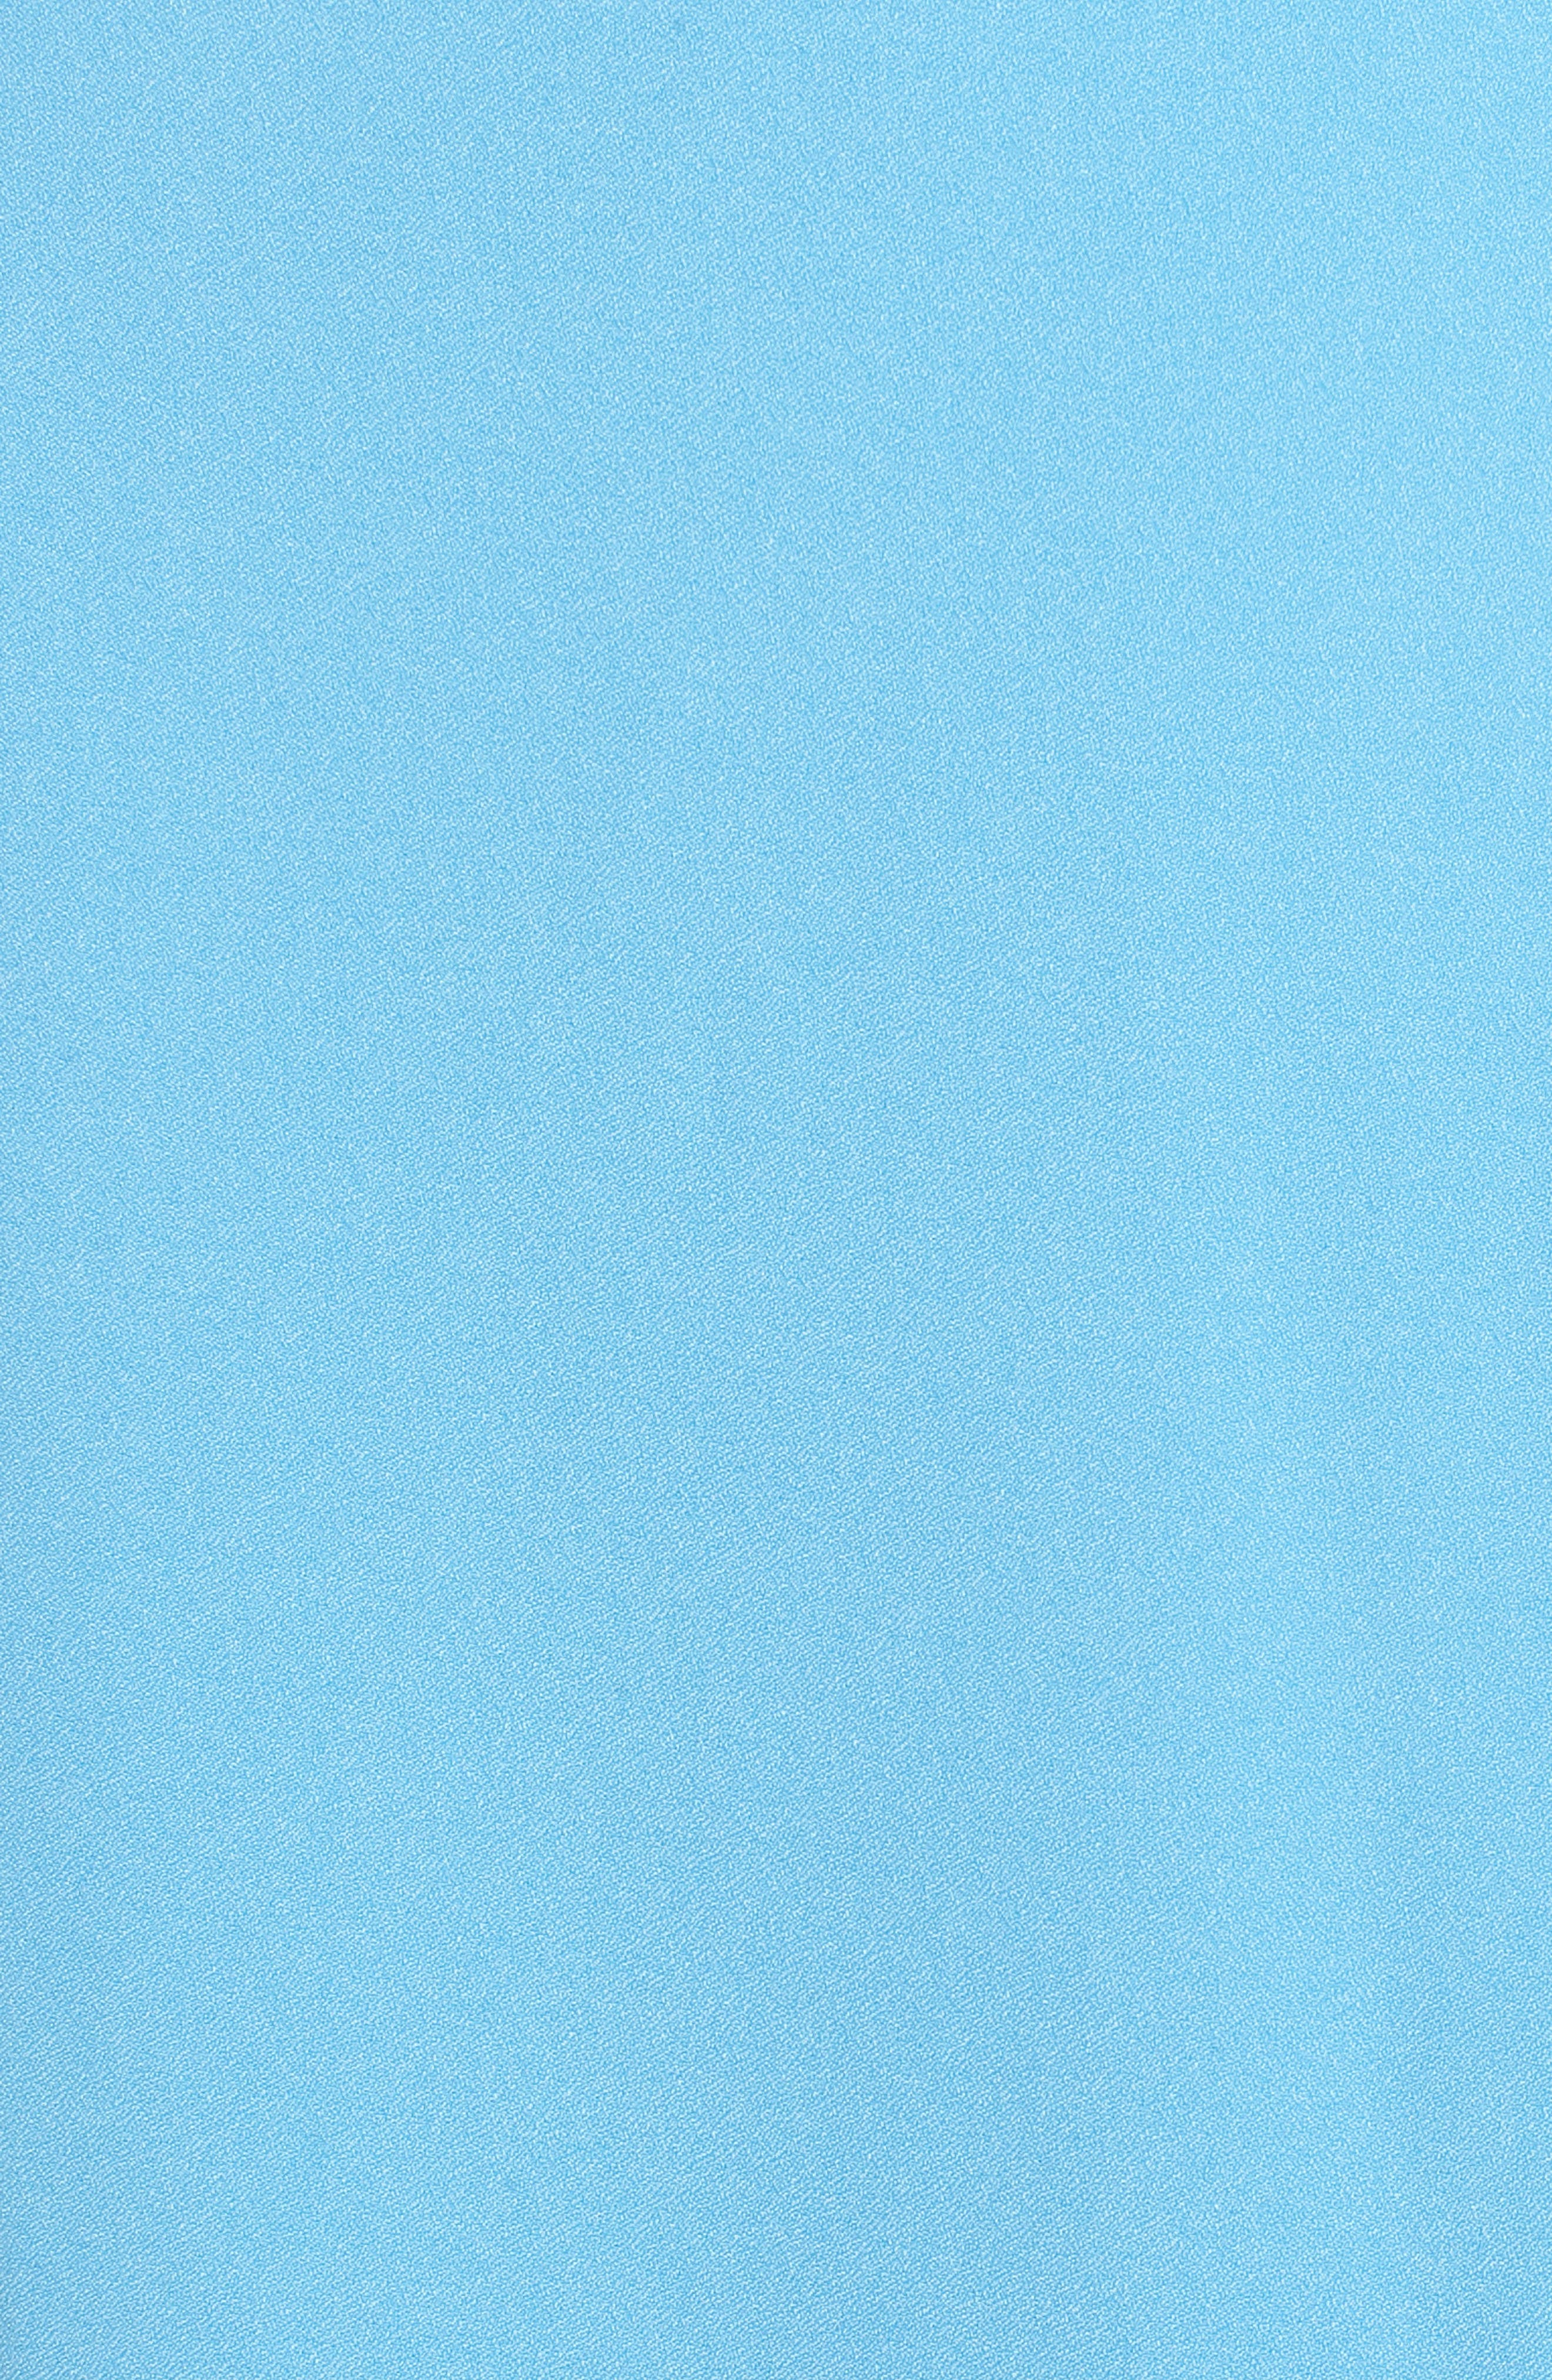 Kimono Maxi Dress,                             Alternate thumbnail 6, color,                             BLUE ALASKAN